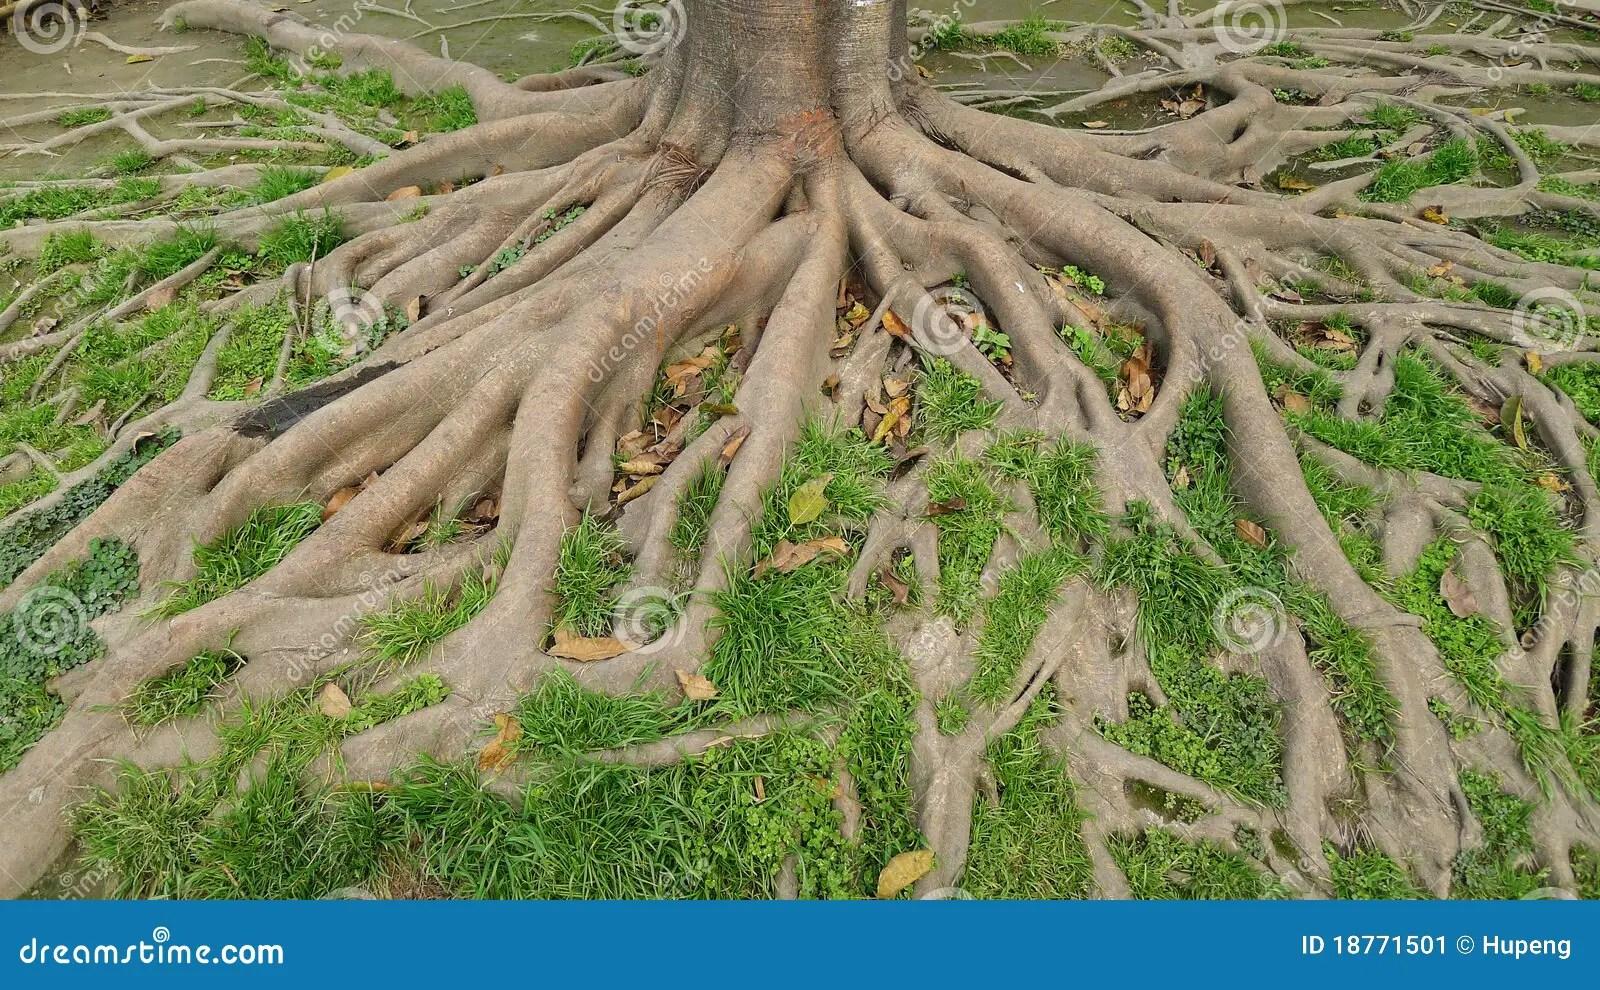 Free Art Dirt Roots Clip